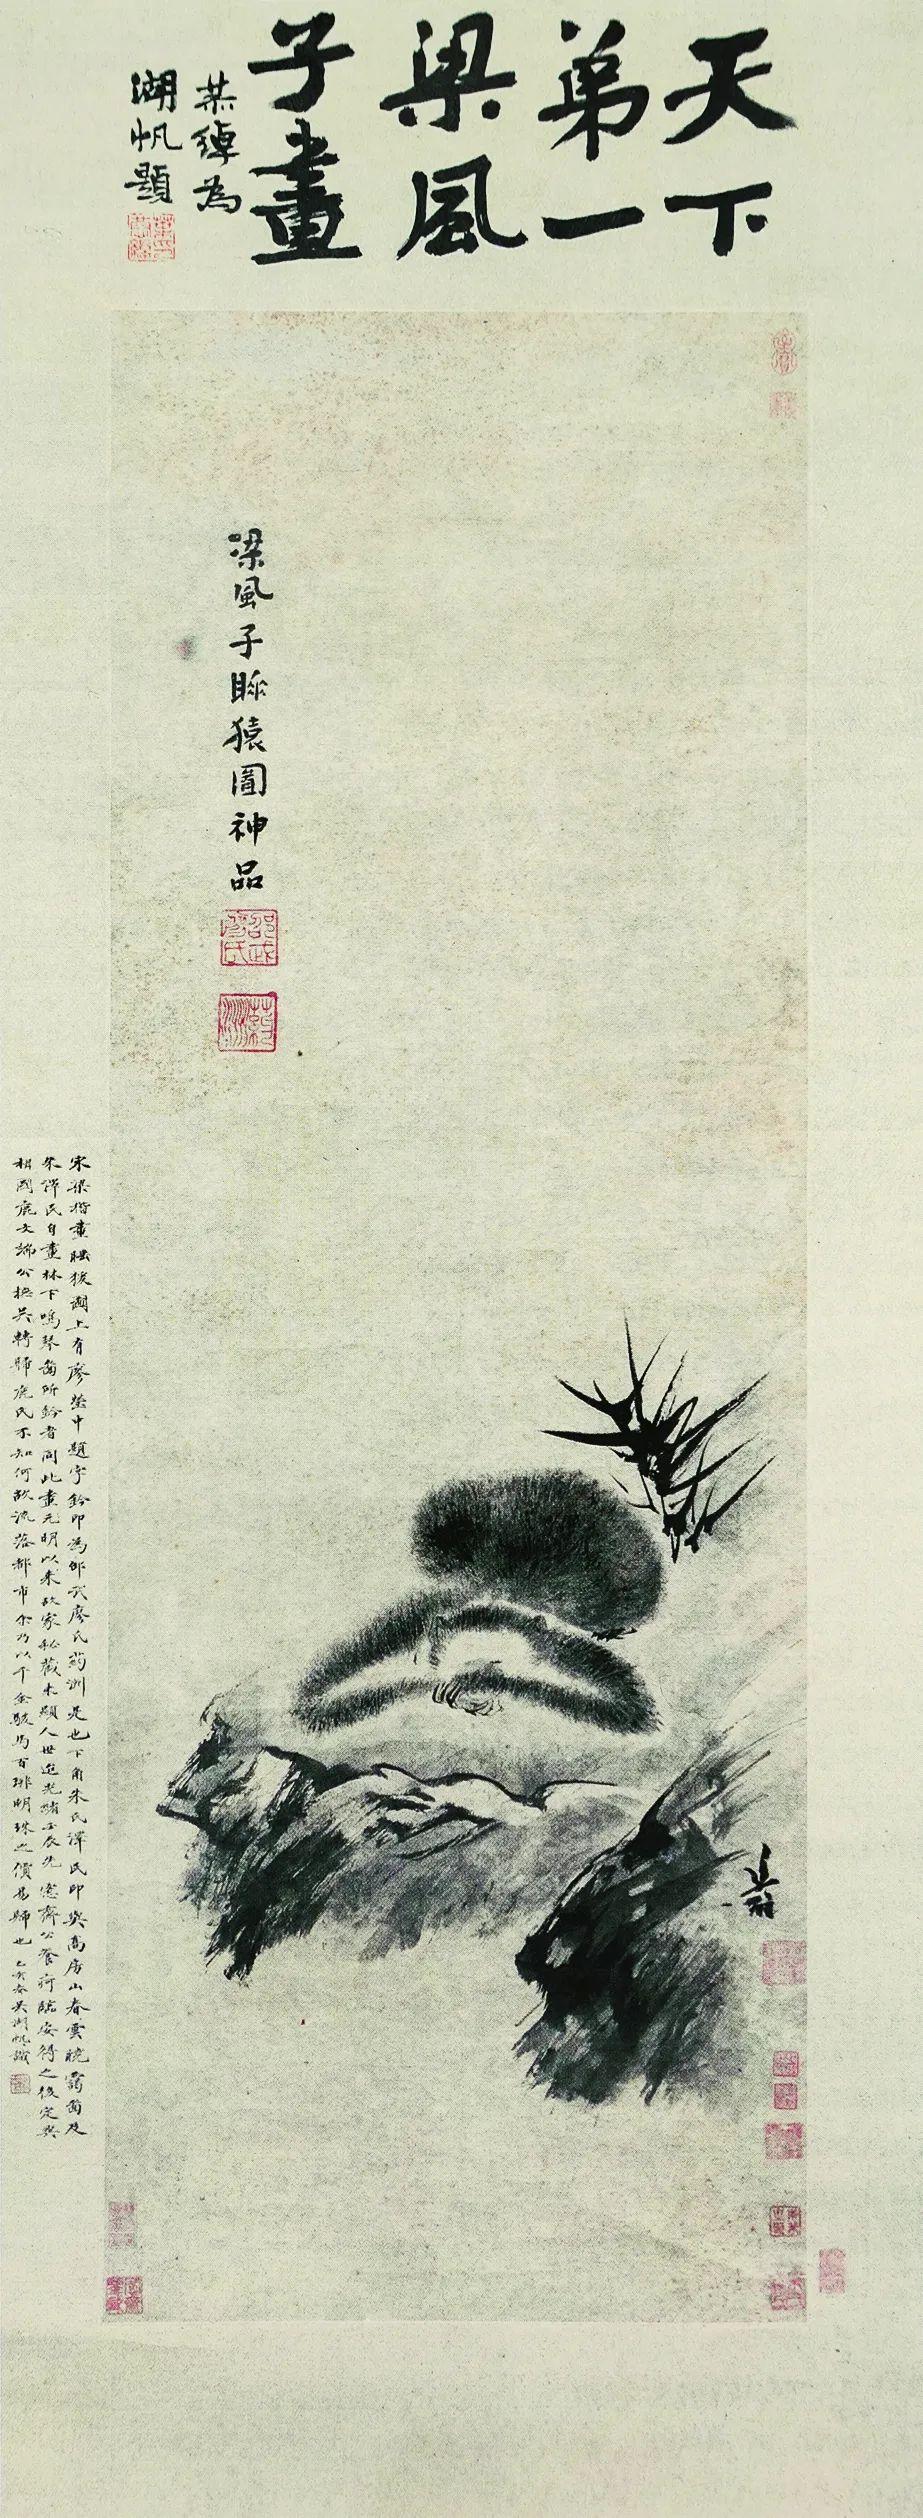 张大千 睡猿图 纸本墨笔 纵131厘米 横45厘米〔美〕檀香山博物馆藏